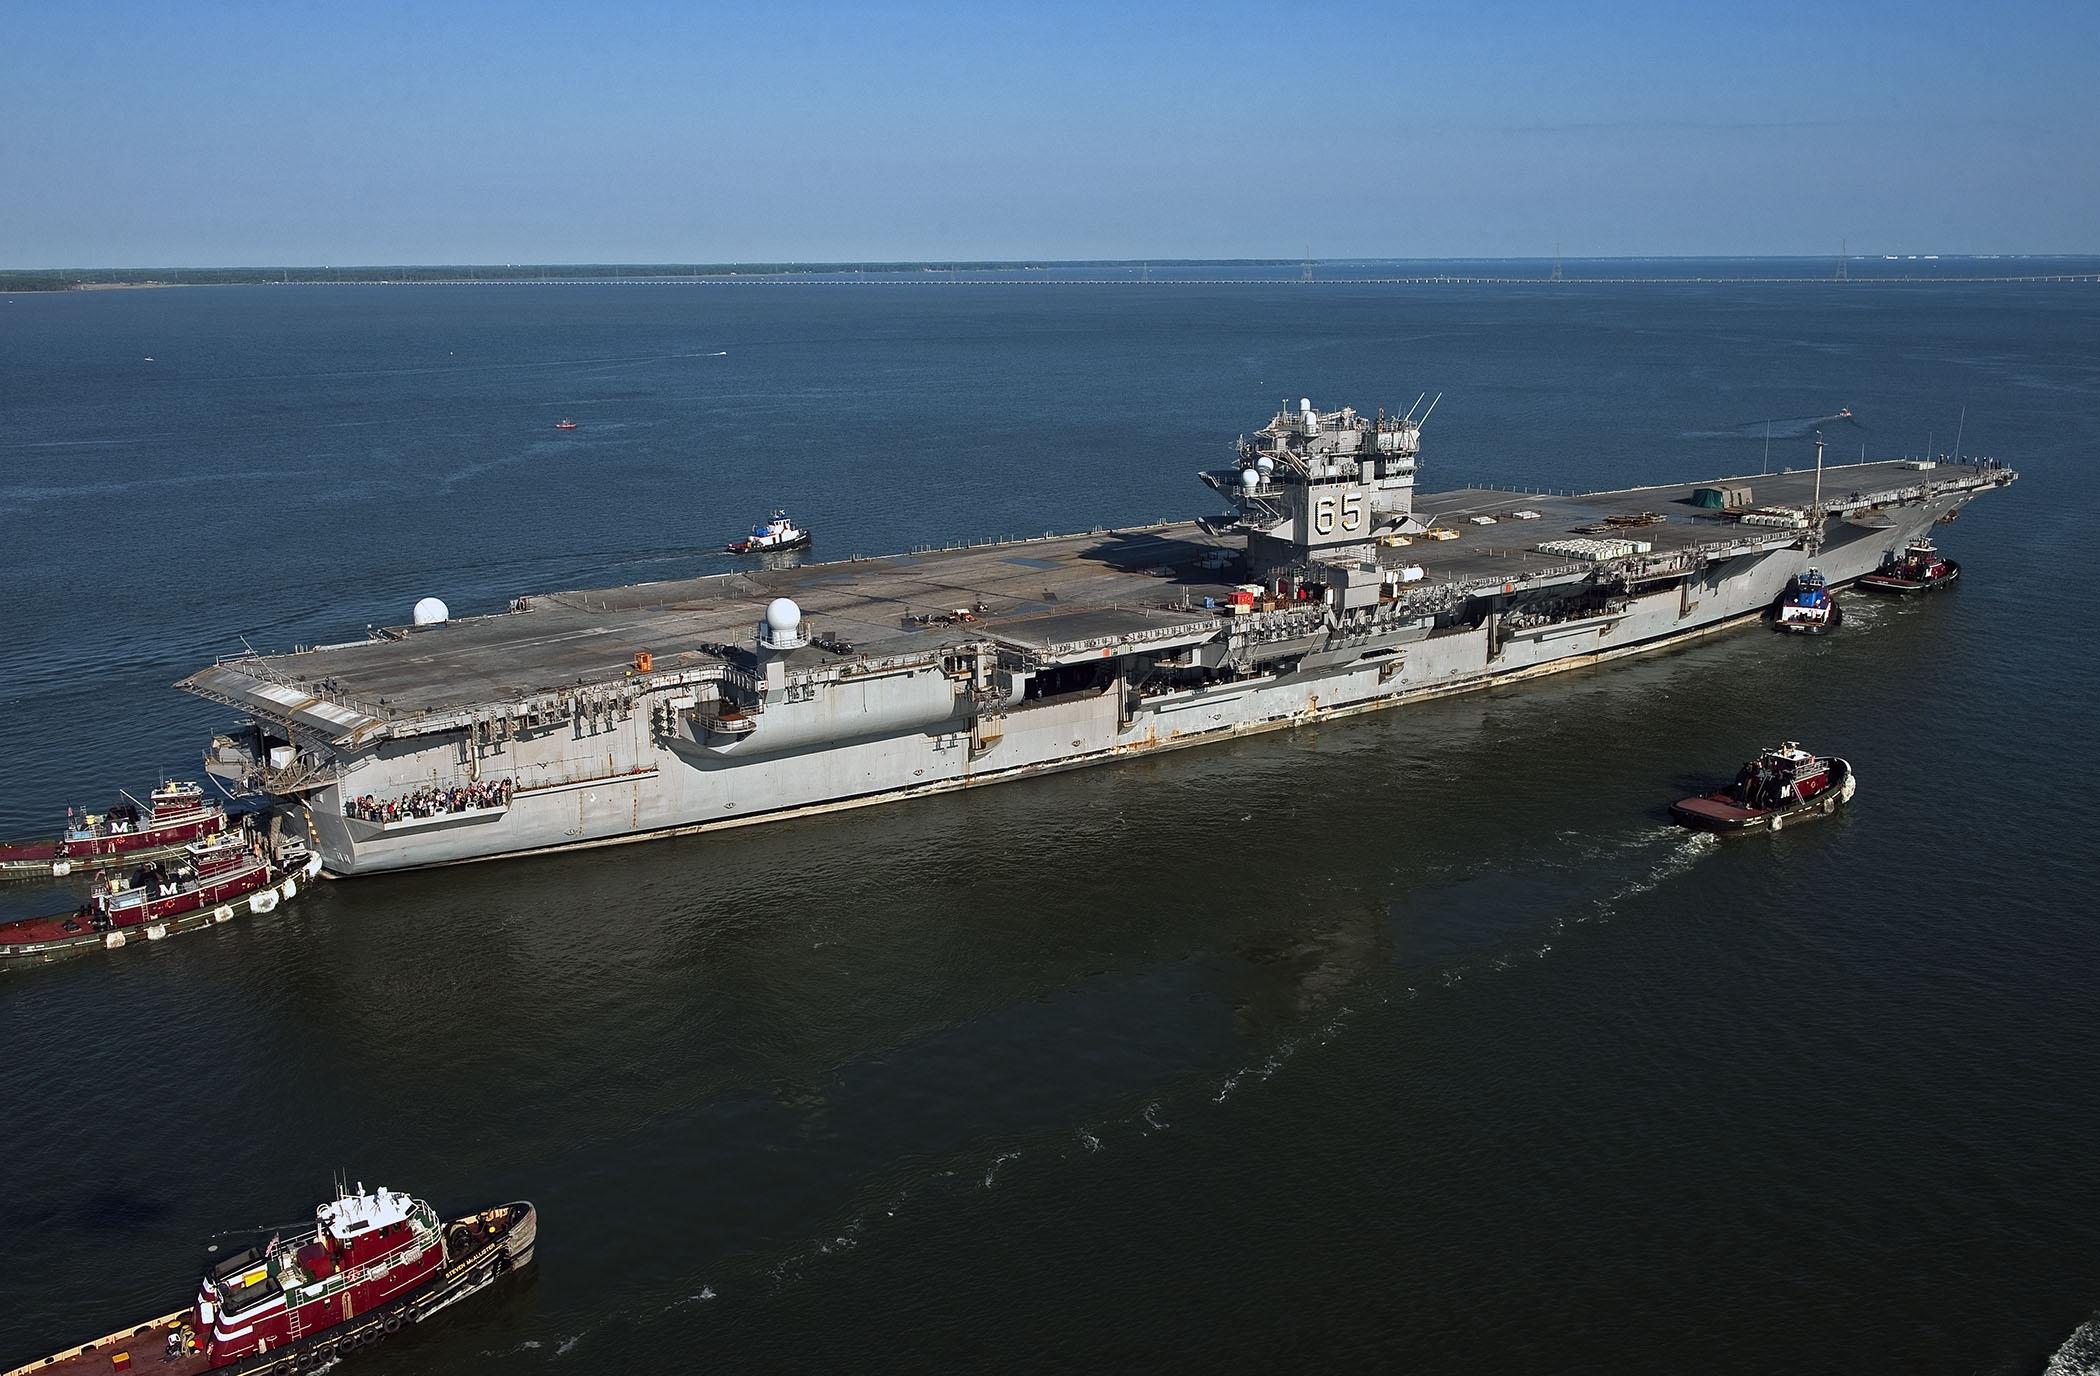 USS ENTERPRISE CVN-65 am 20.06.2013 auf seiner letzten FahrtBild: U.S. Navy